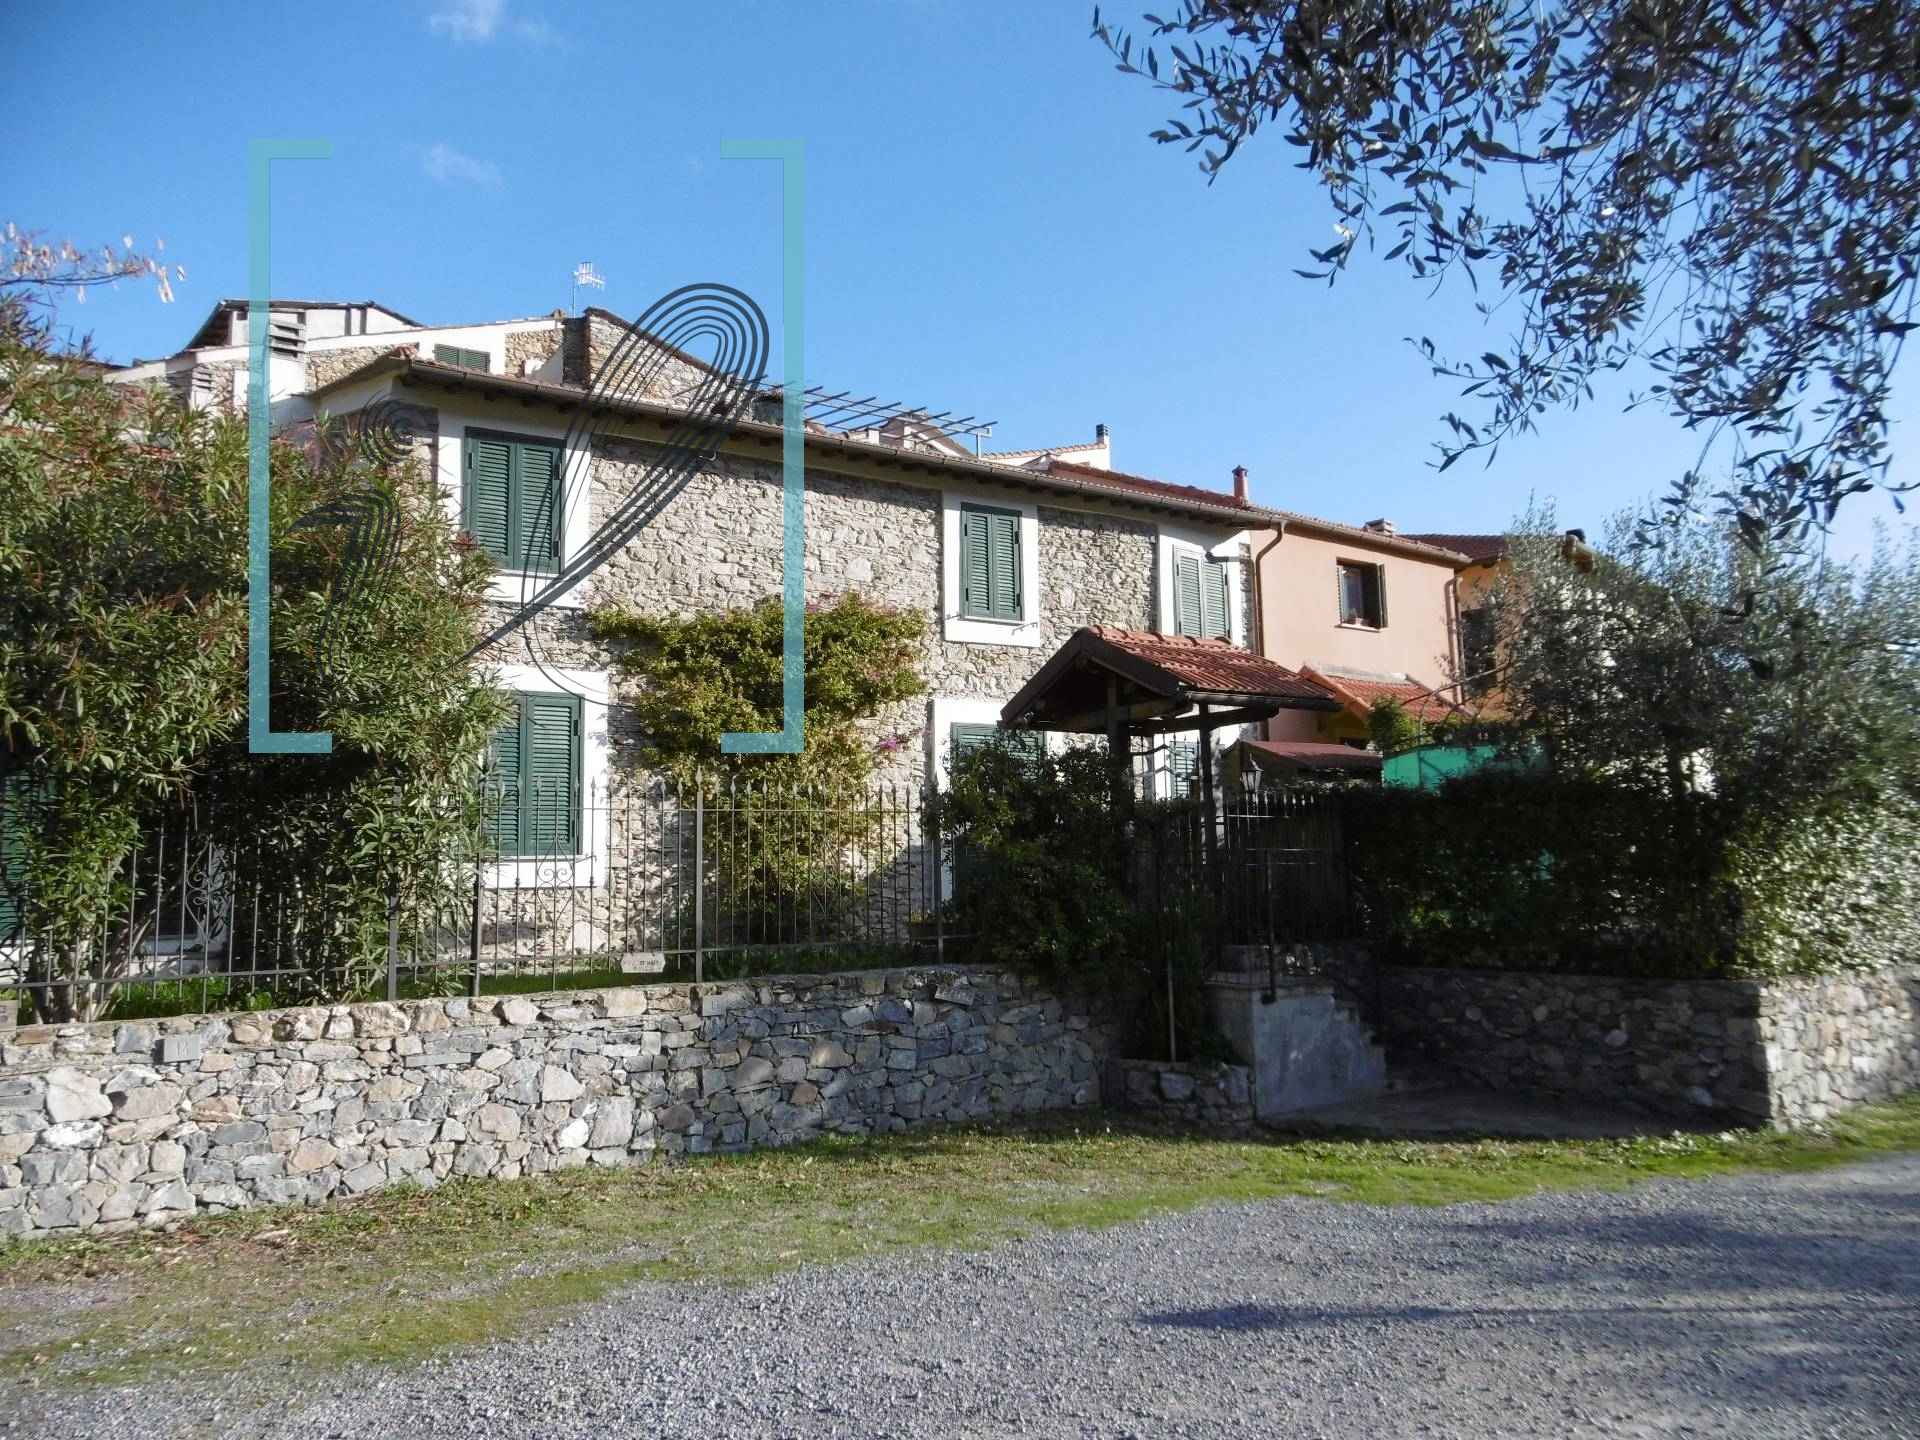 Rustico / Casale in vendita a Ranzo, 2 locali, prezzo € 58.000 | CambioCasa.it